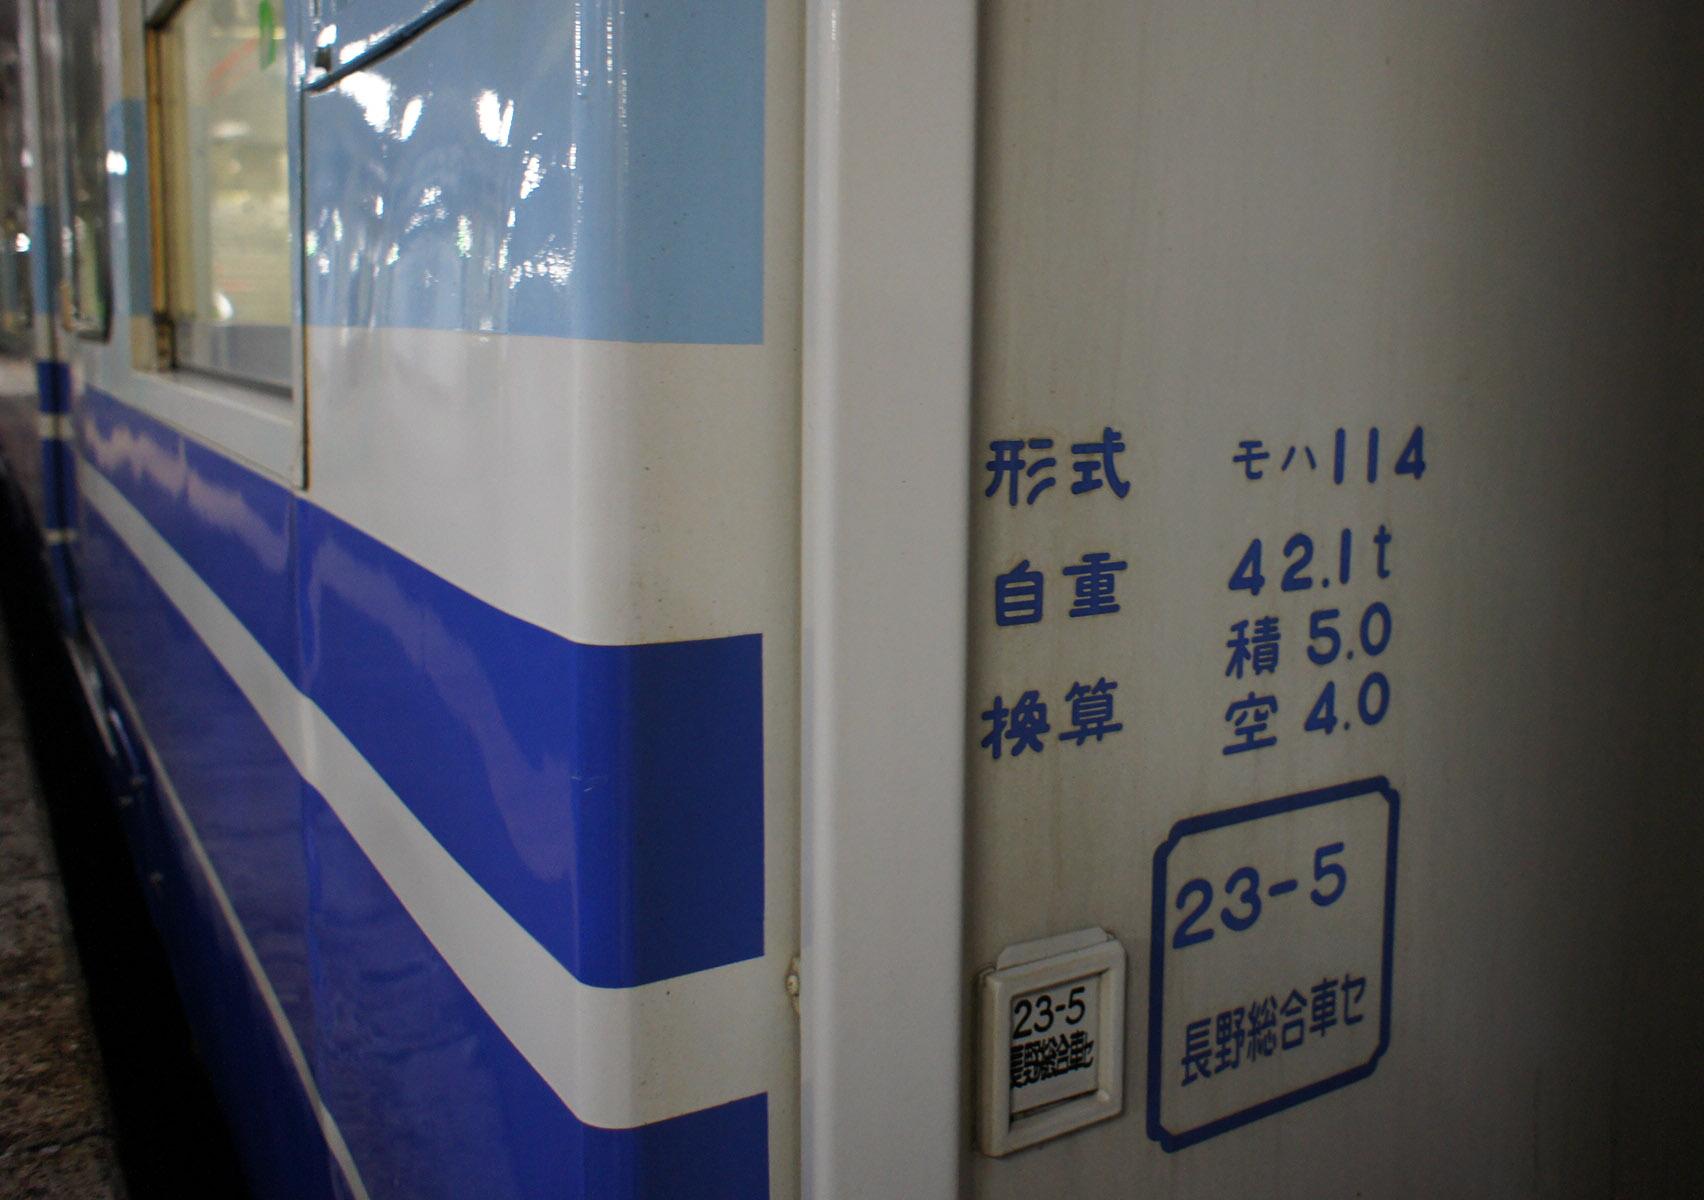 日本は丸ゴシックの宝庫(2)・鉄道編_e0175918_332199.jpg